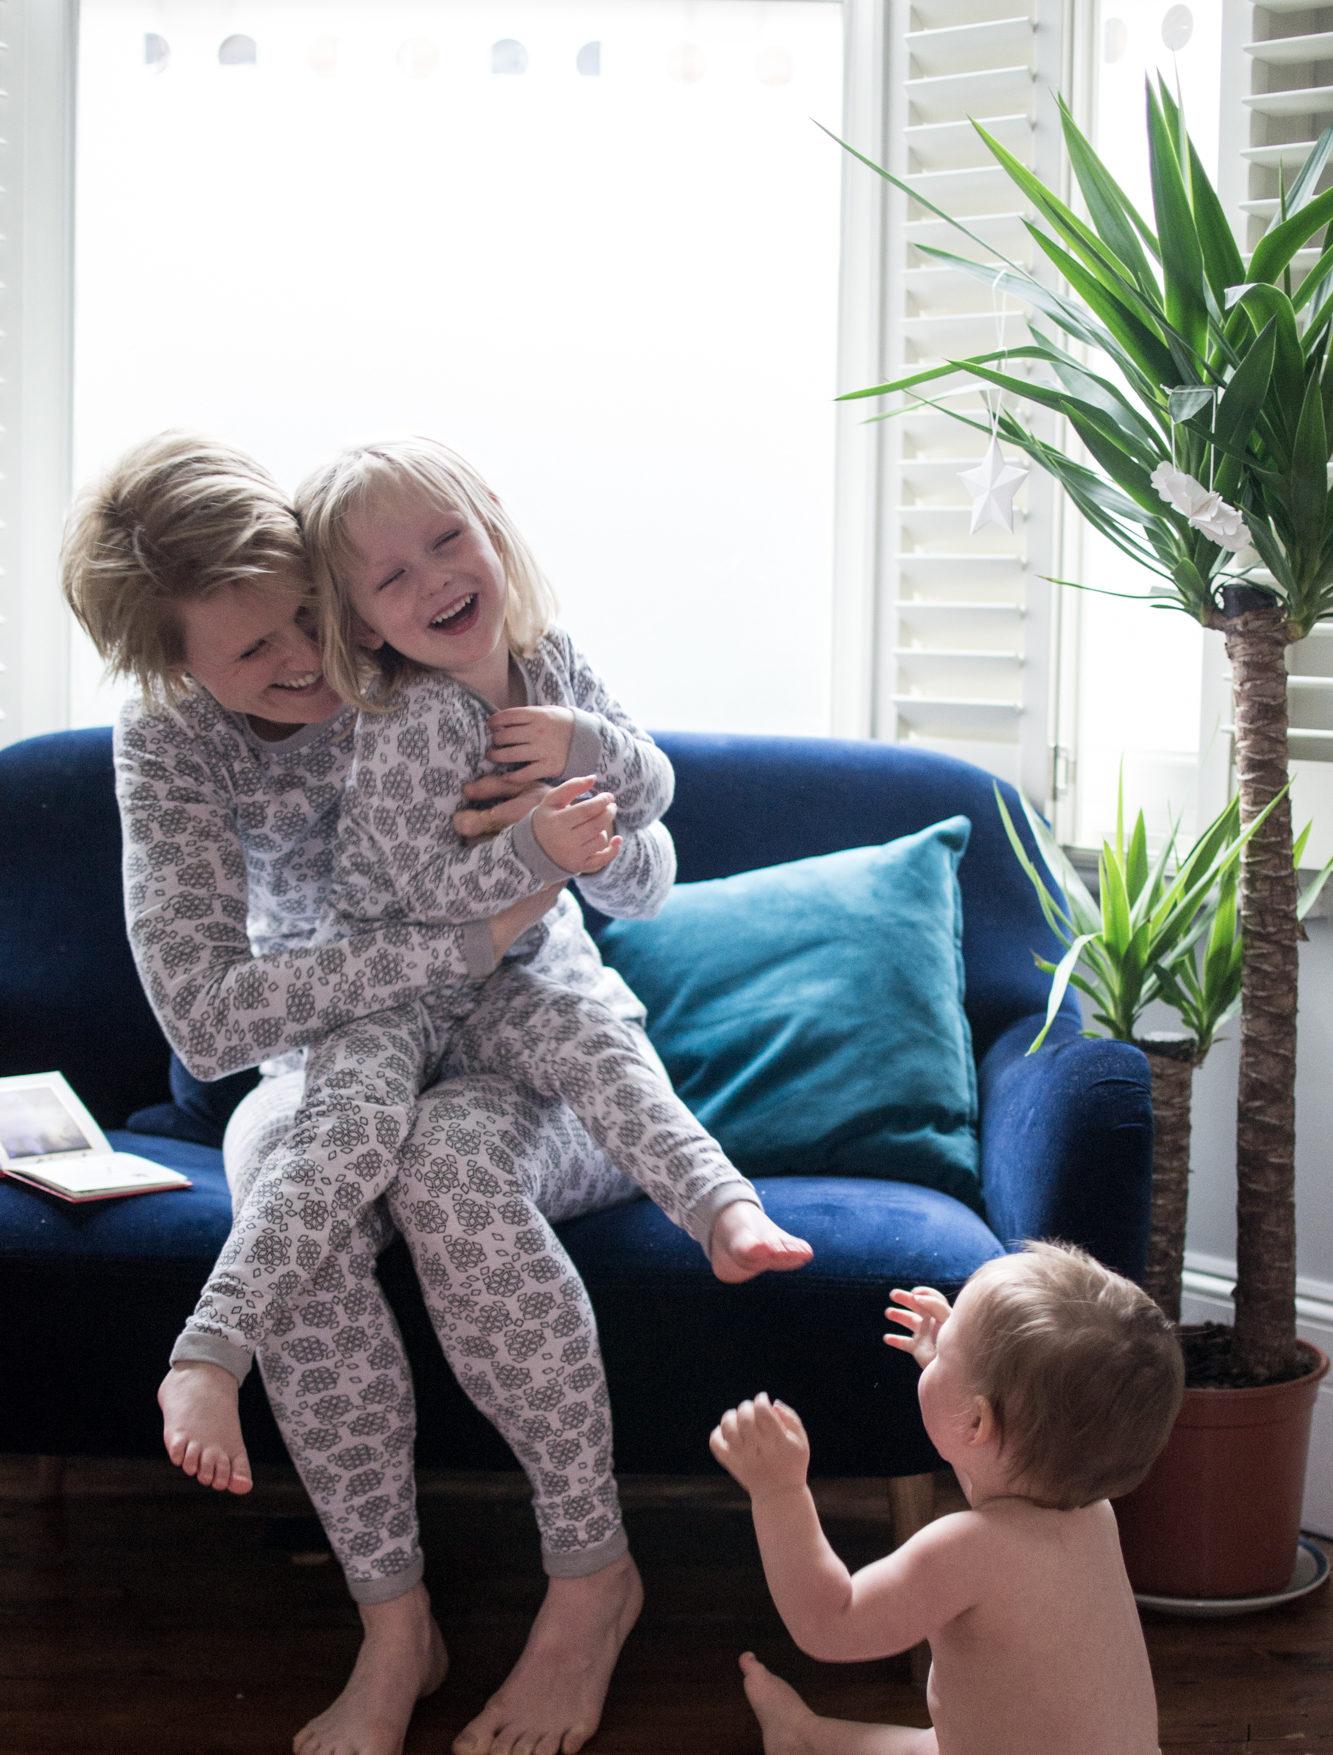 The Bright Company Slim Jyms Christmas Pyjamas